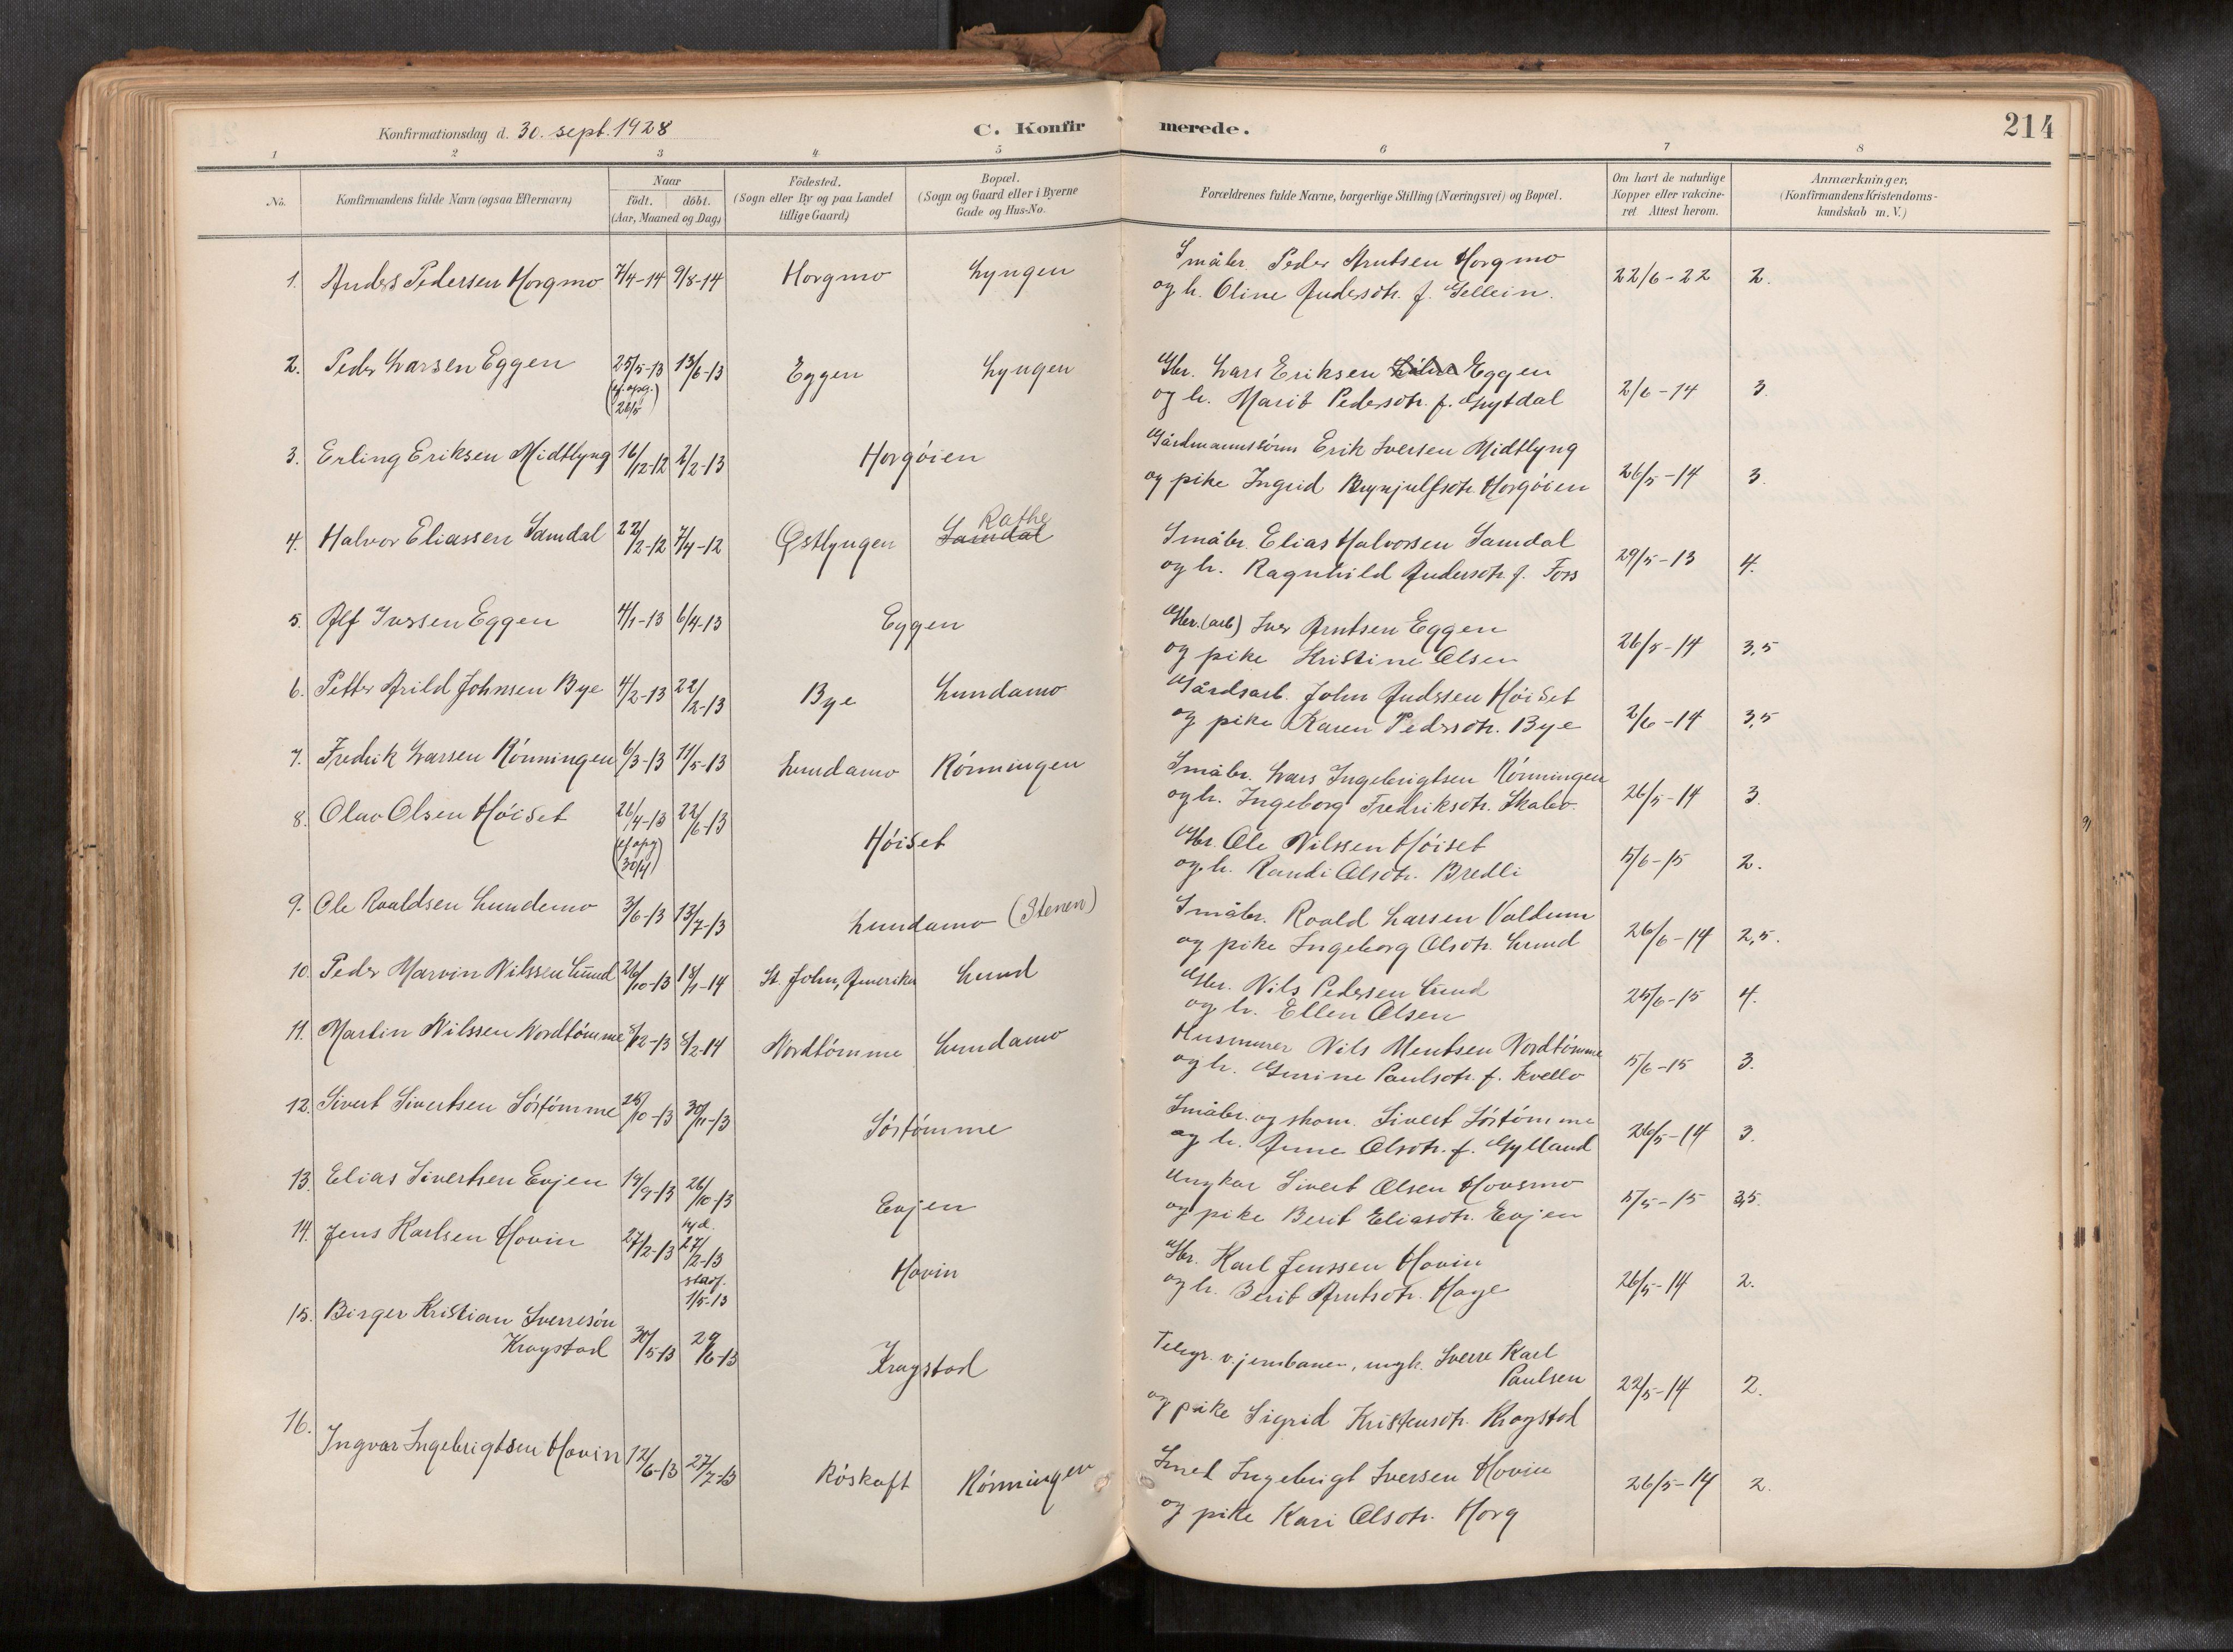 SAT, Ministerialprotokoller, klokkerbøker og fødselsregistre - Sør-Trøndelag, 692/L1105b: Ministerialbok nr. 692A06, 1891-1934, s. 214